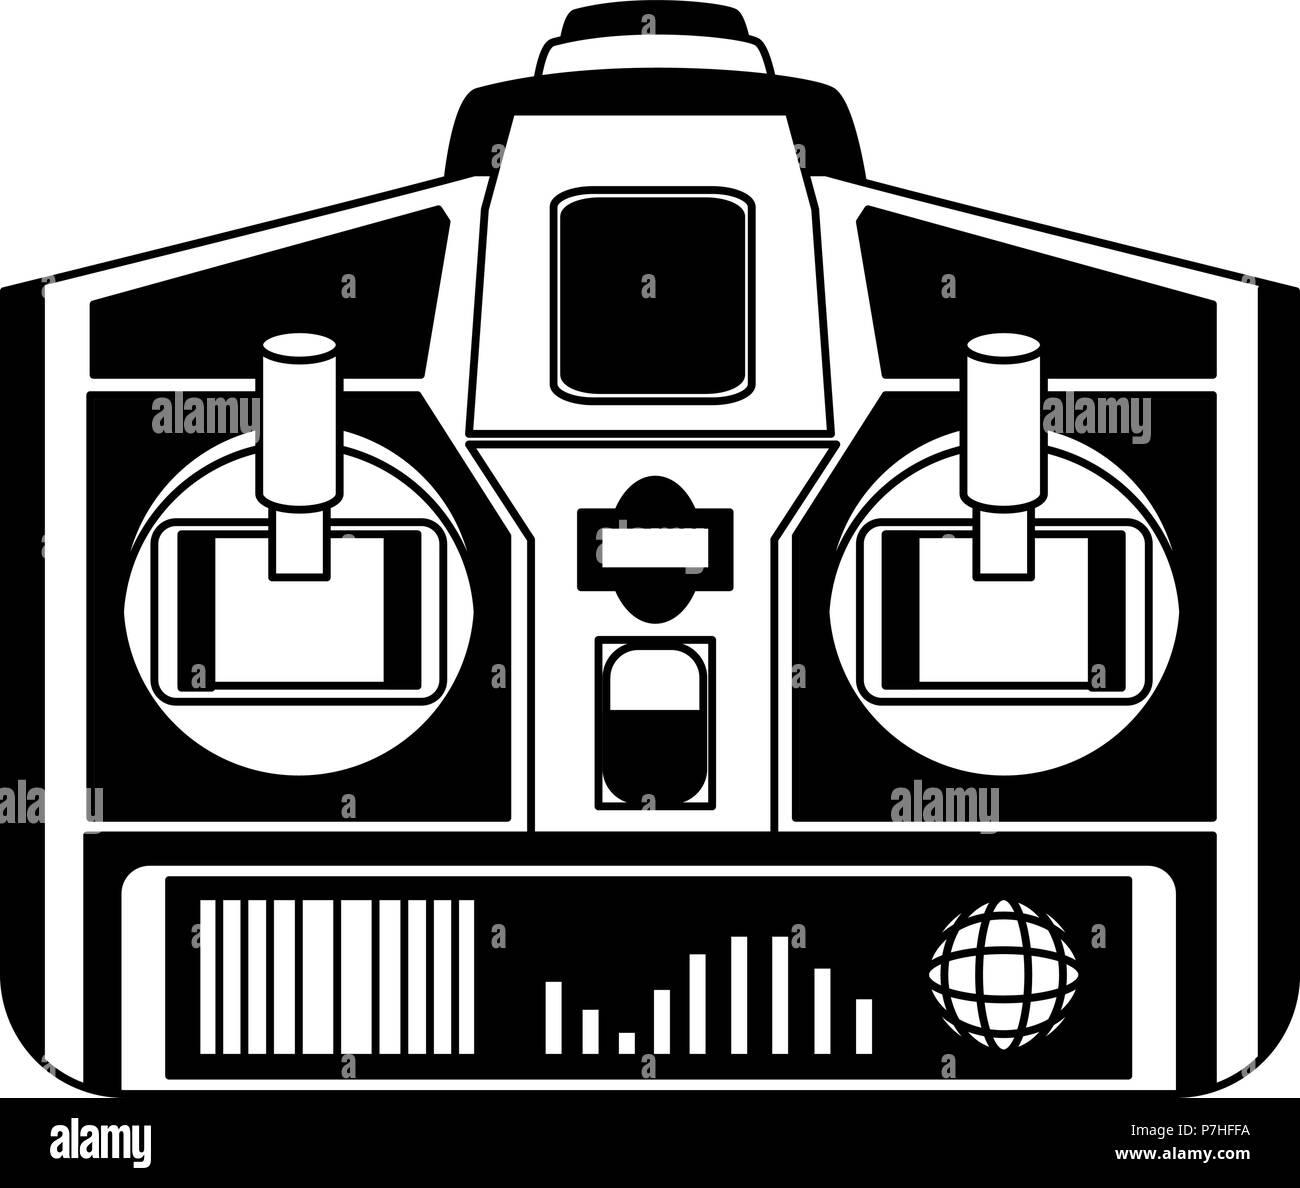 Drone remote control vector illustration graphic design - Stock Image